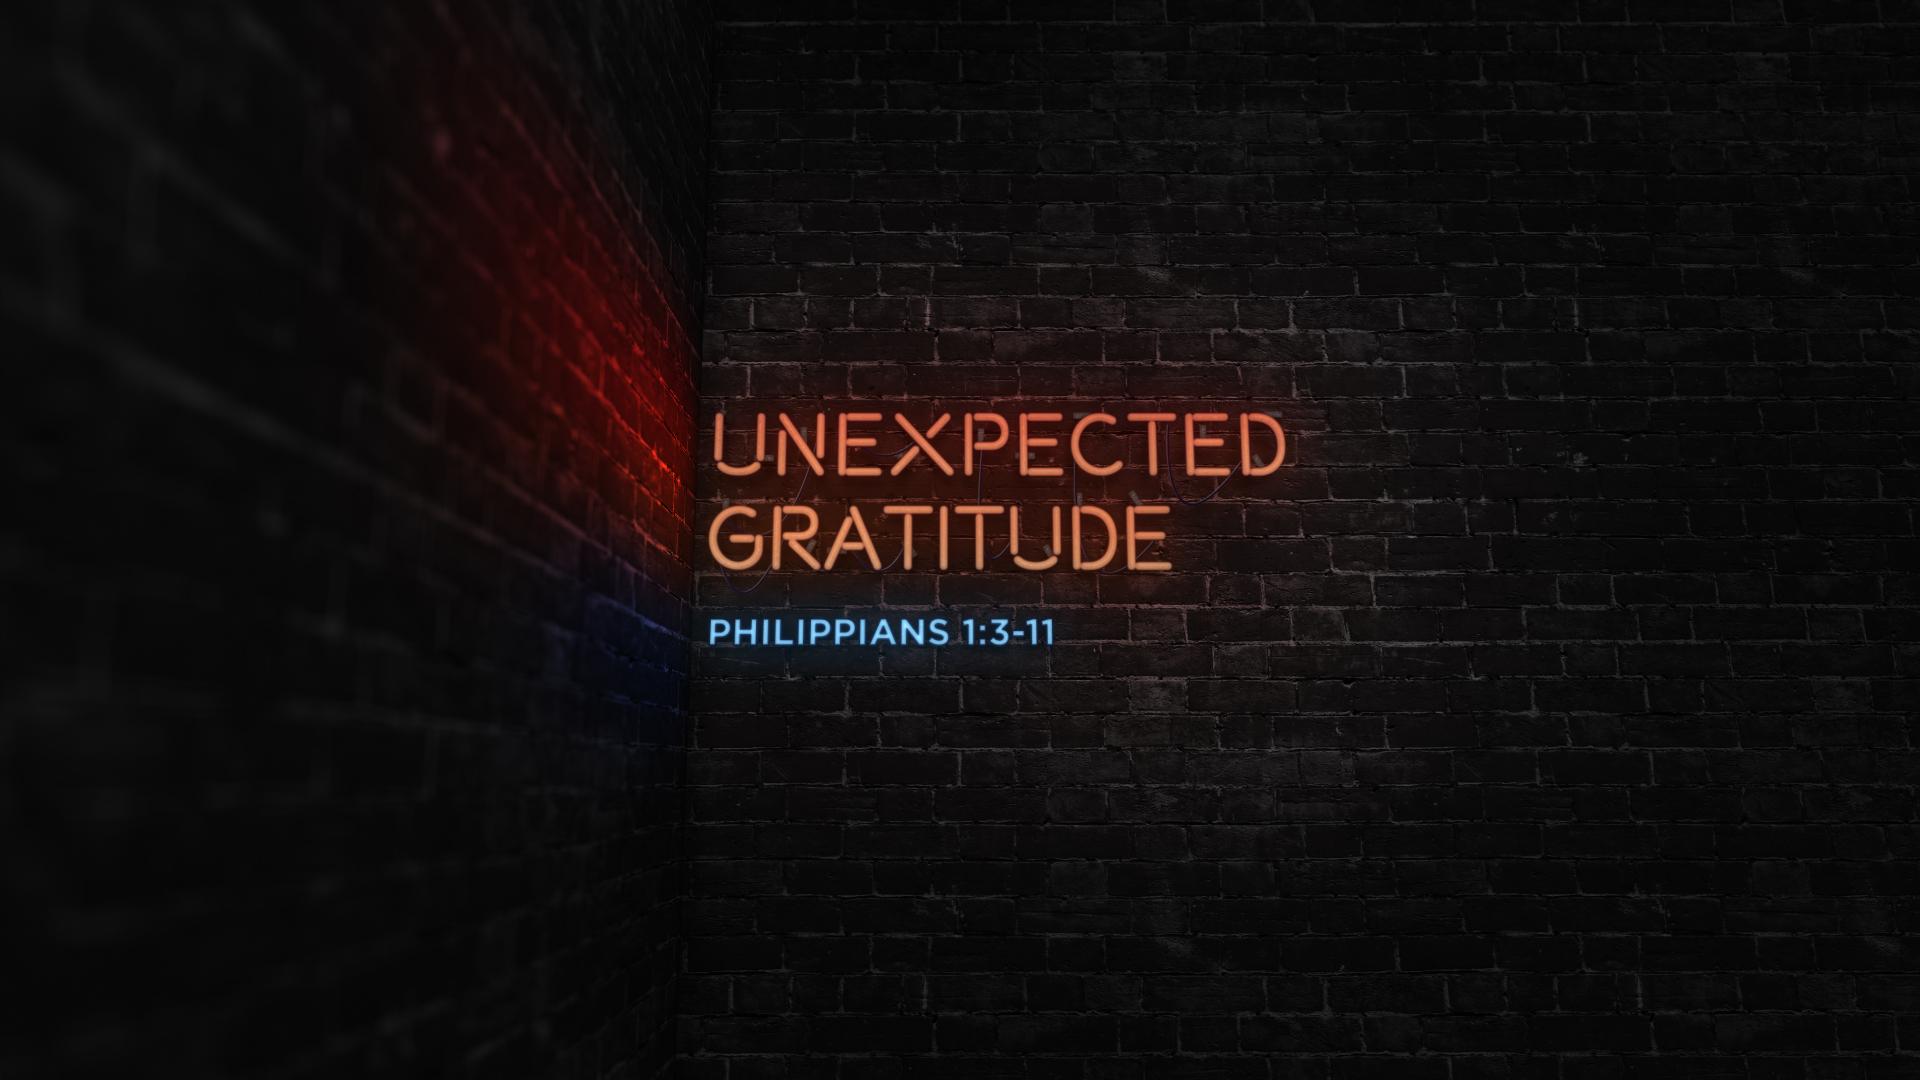 Unexpected Gratitude